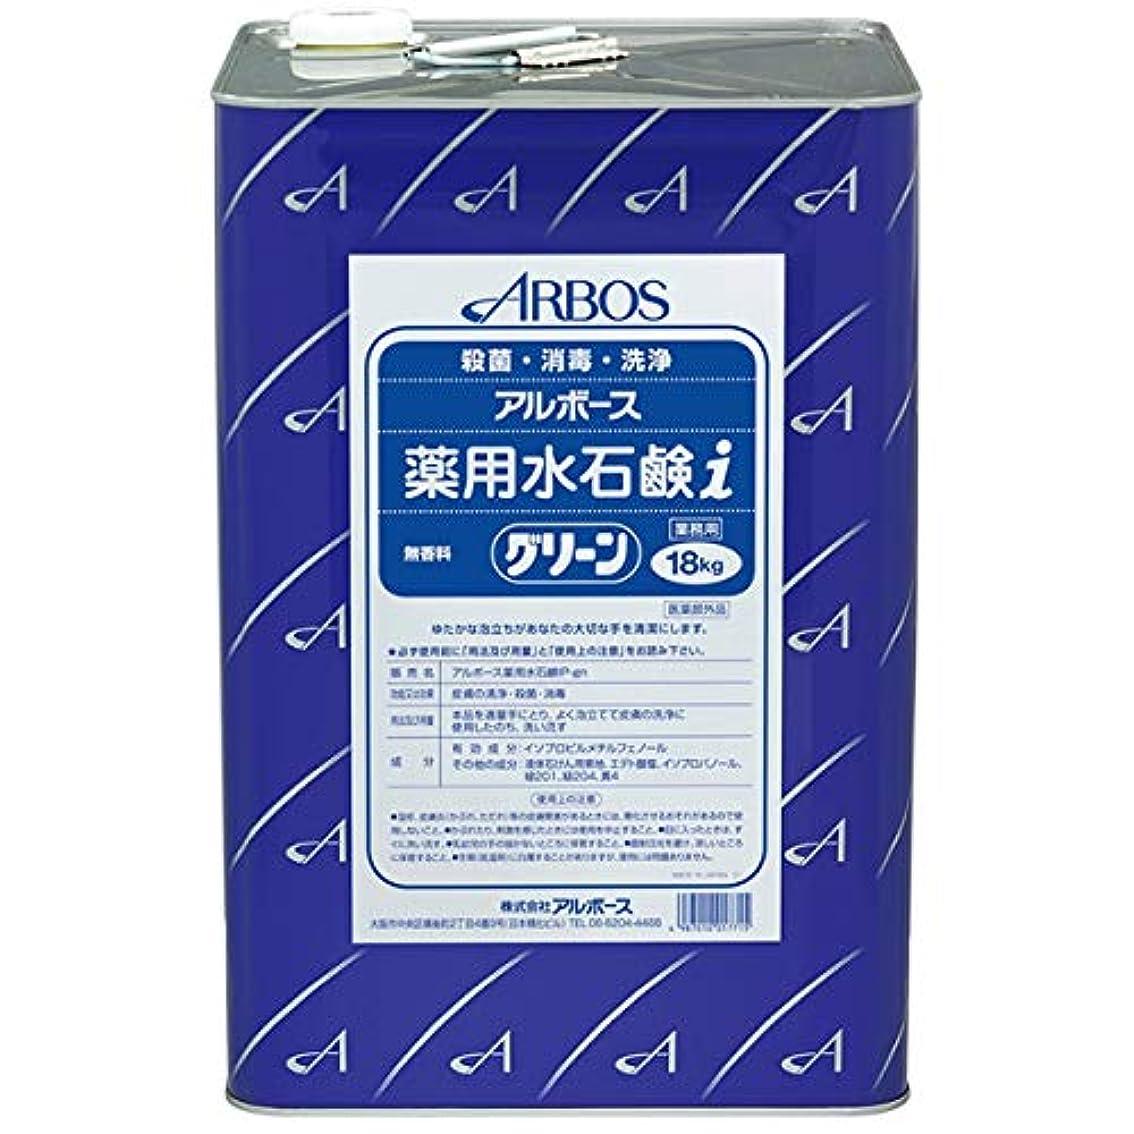 セメント指標非効率的な【清潔キレイ館】アルボース薬用水石鹸グリーンi(18L)